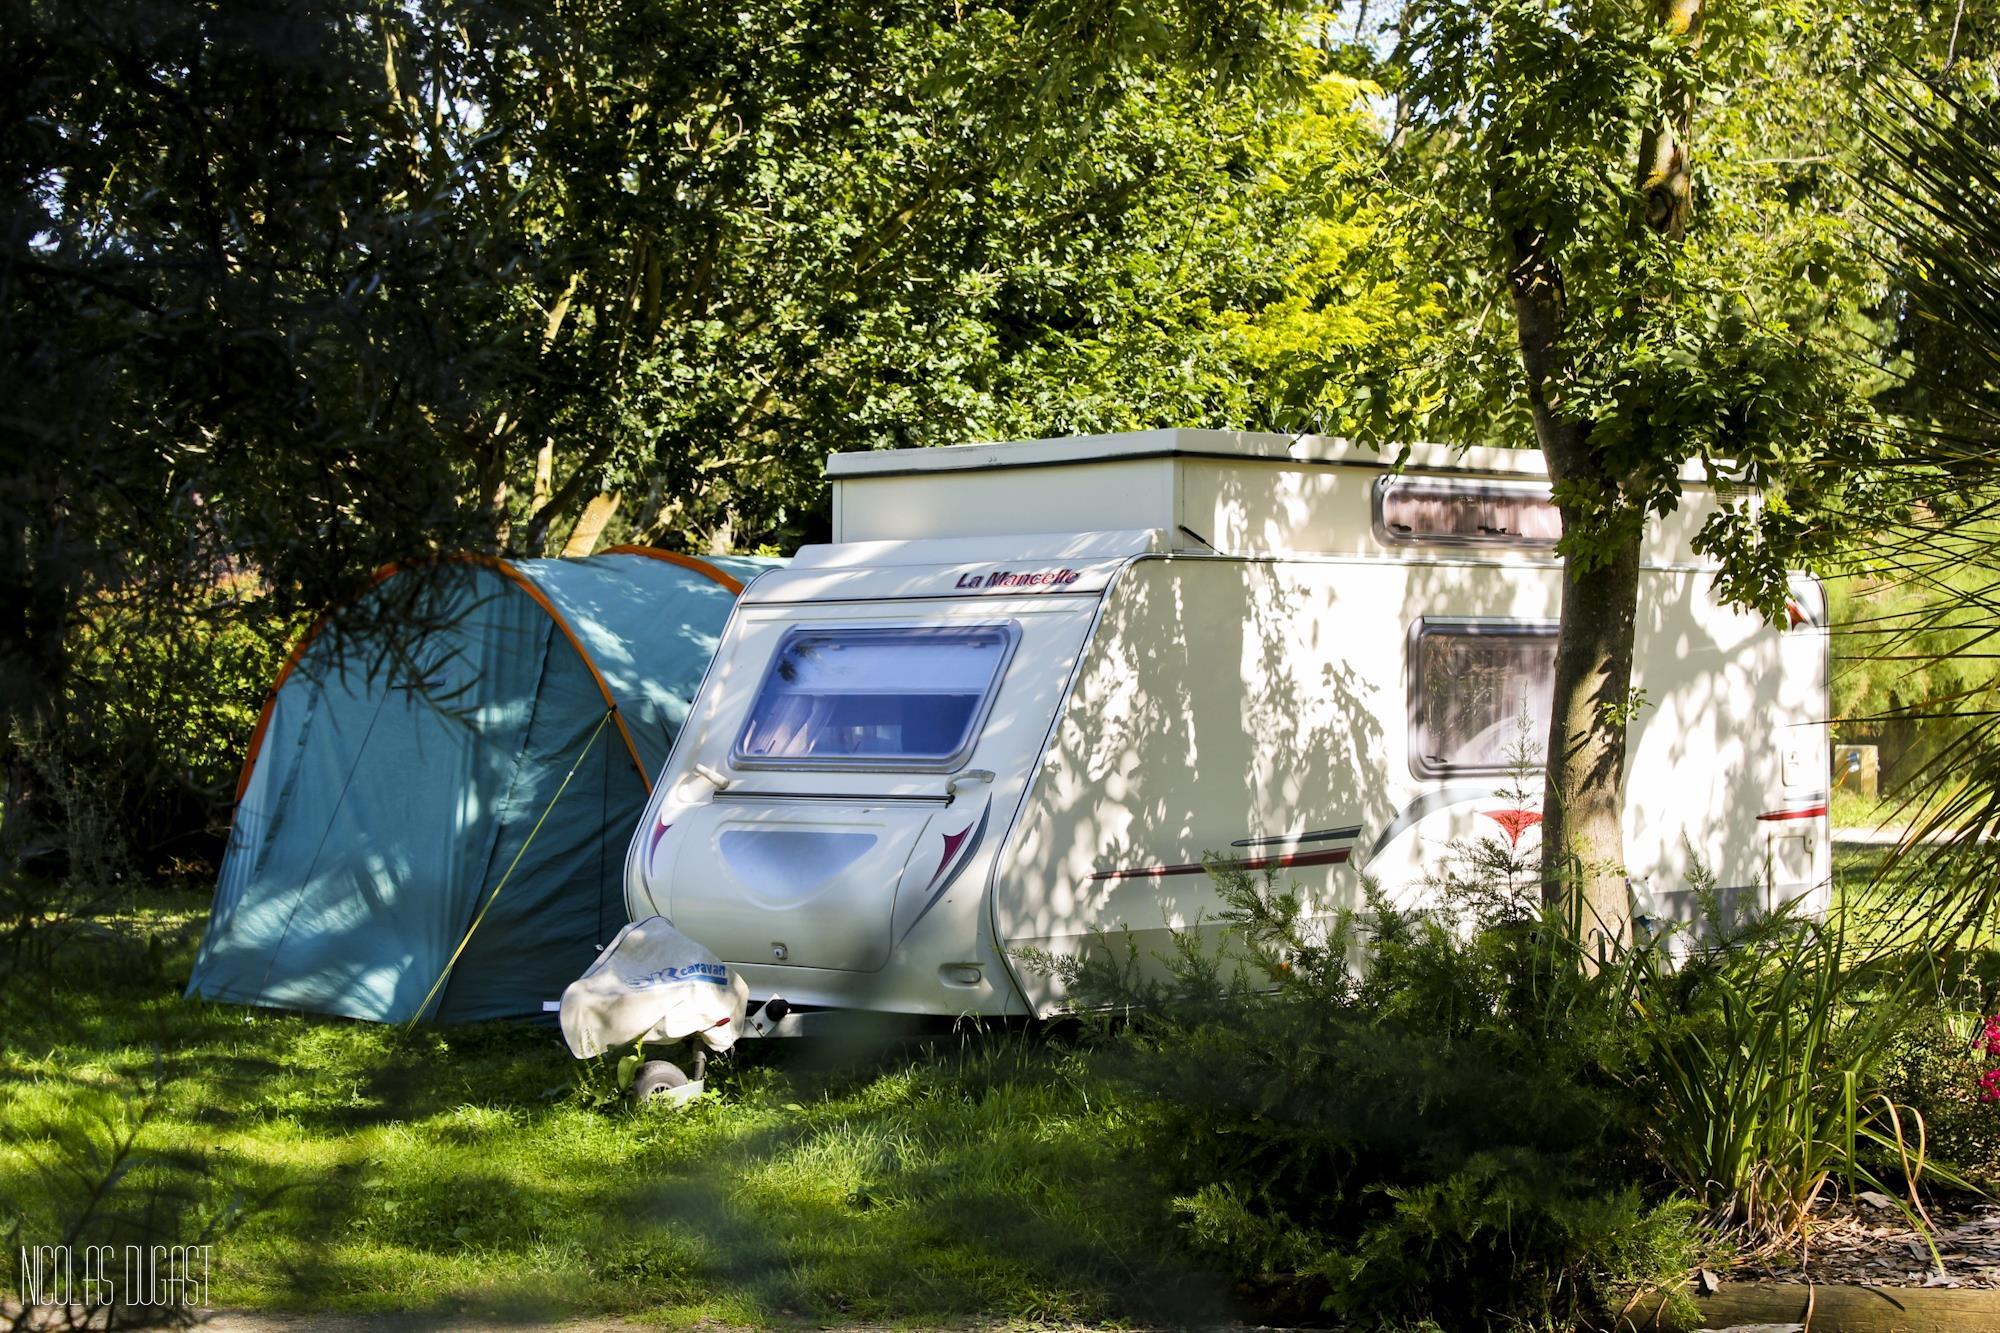 Emplacement - Emplacement Confort  (1 Tente, Caravane Ou Camping Car / 1 Voiture, Electricité10a) - Camping Baie de Térénez